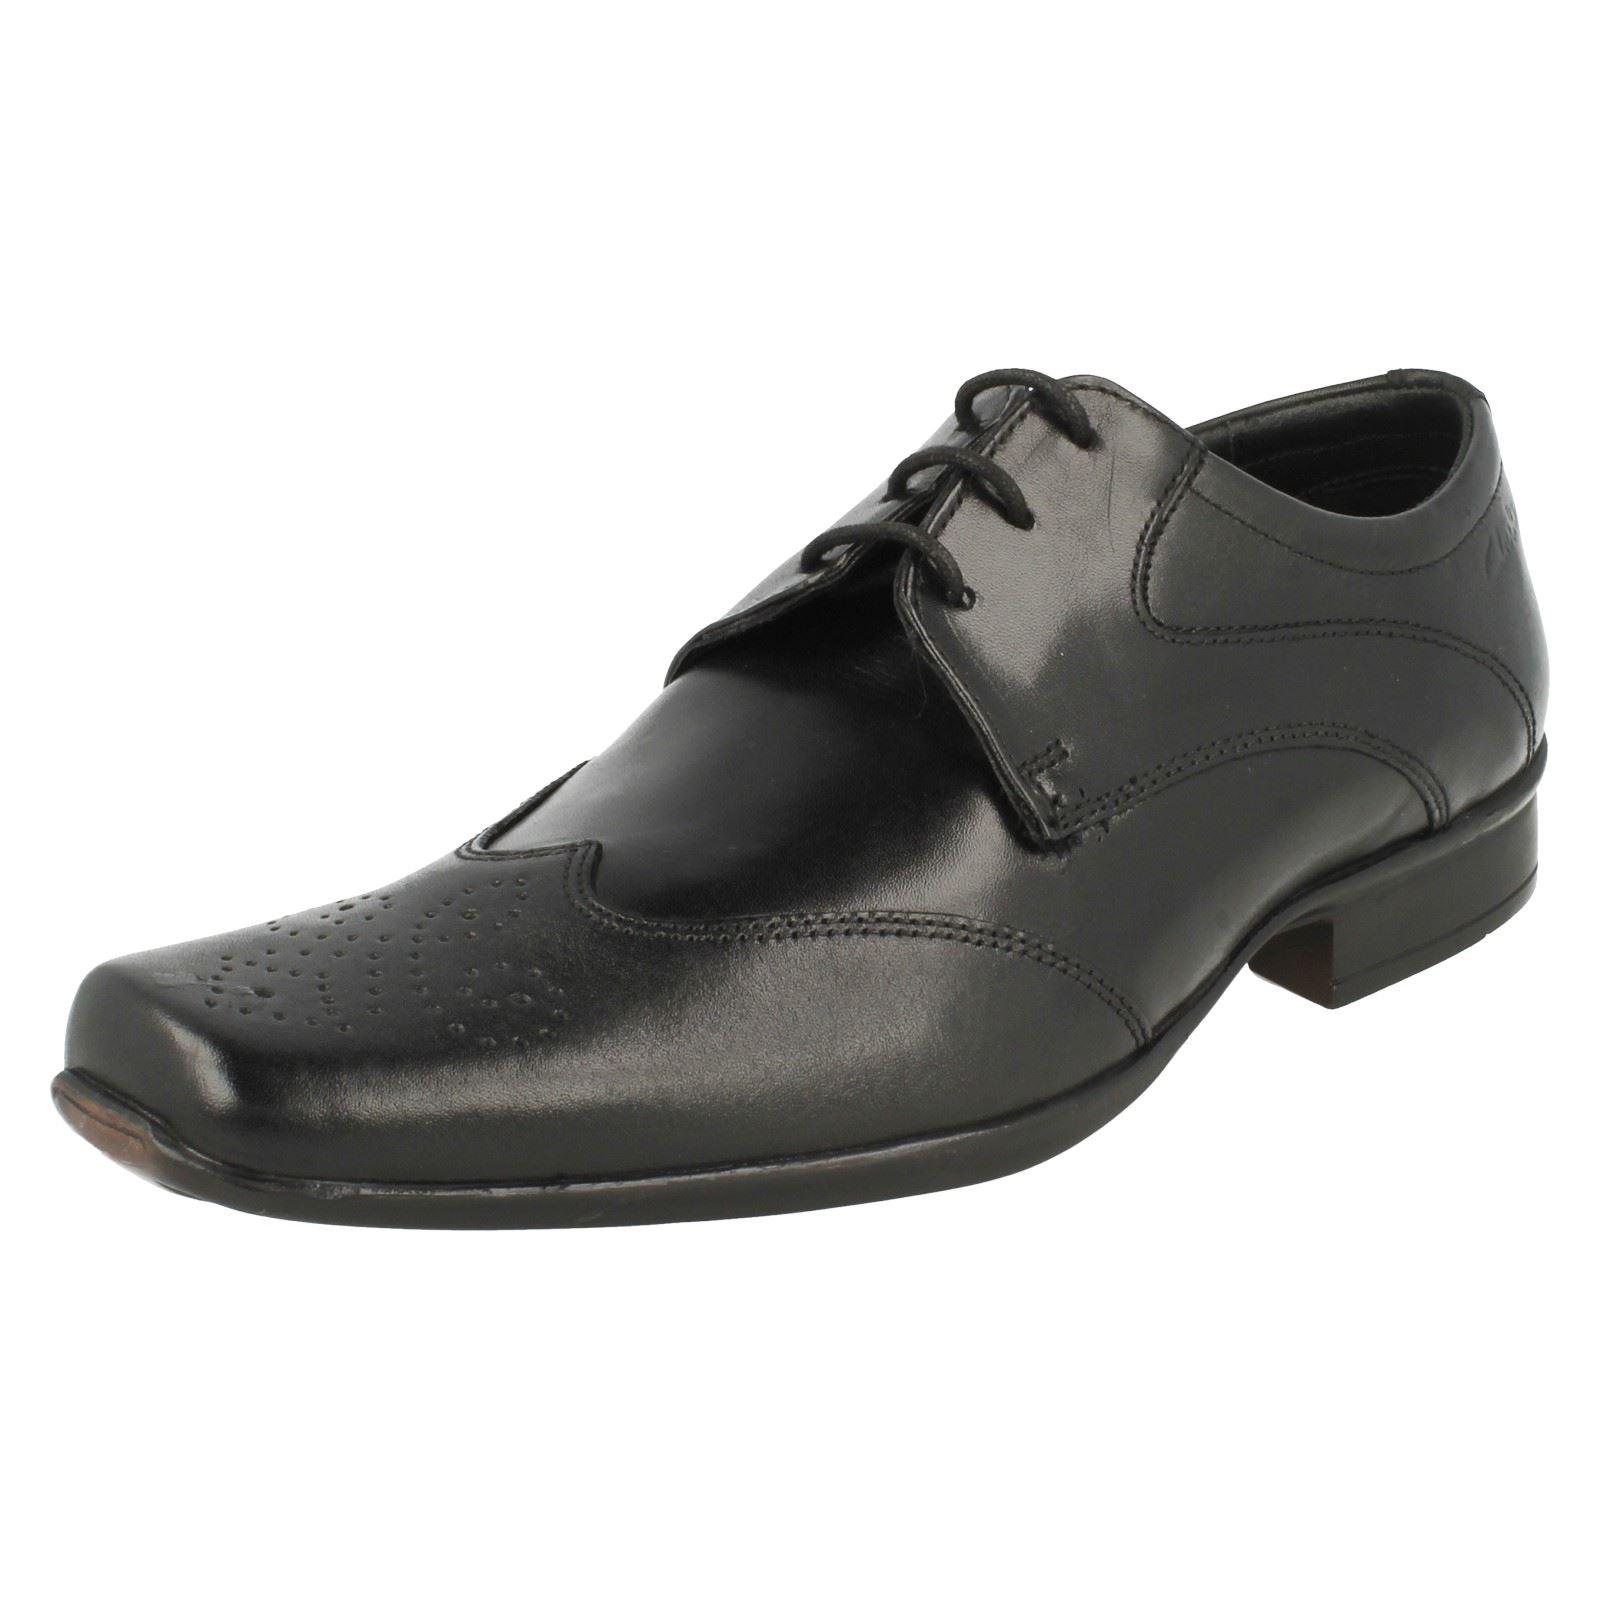 Shoes 'Moscow' L'affisso Smart Clarks Mens Black IagPwqptxP